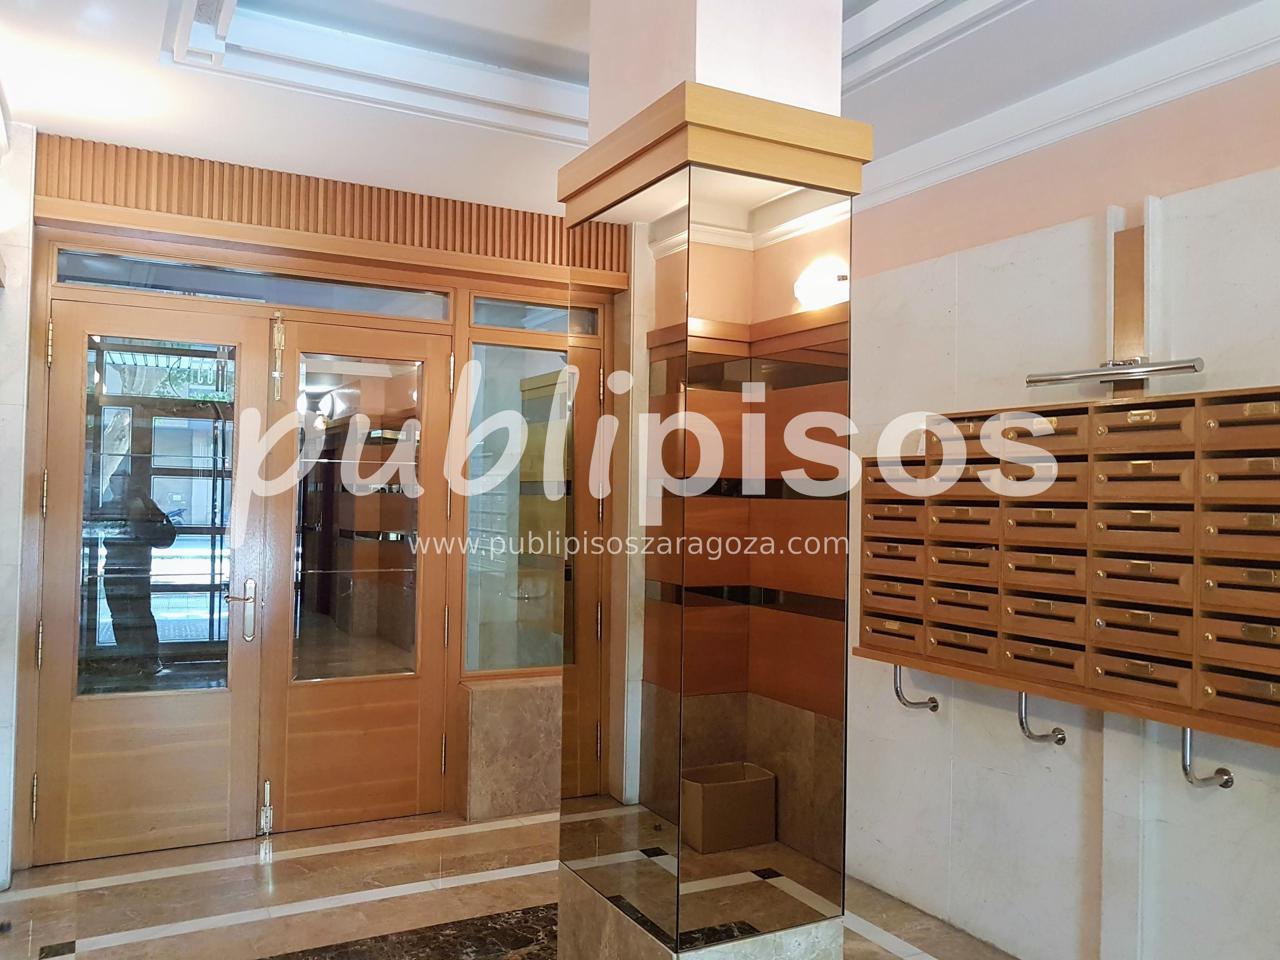 Alquiler piso ático Actur Zaragoza-6